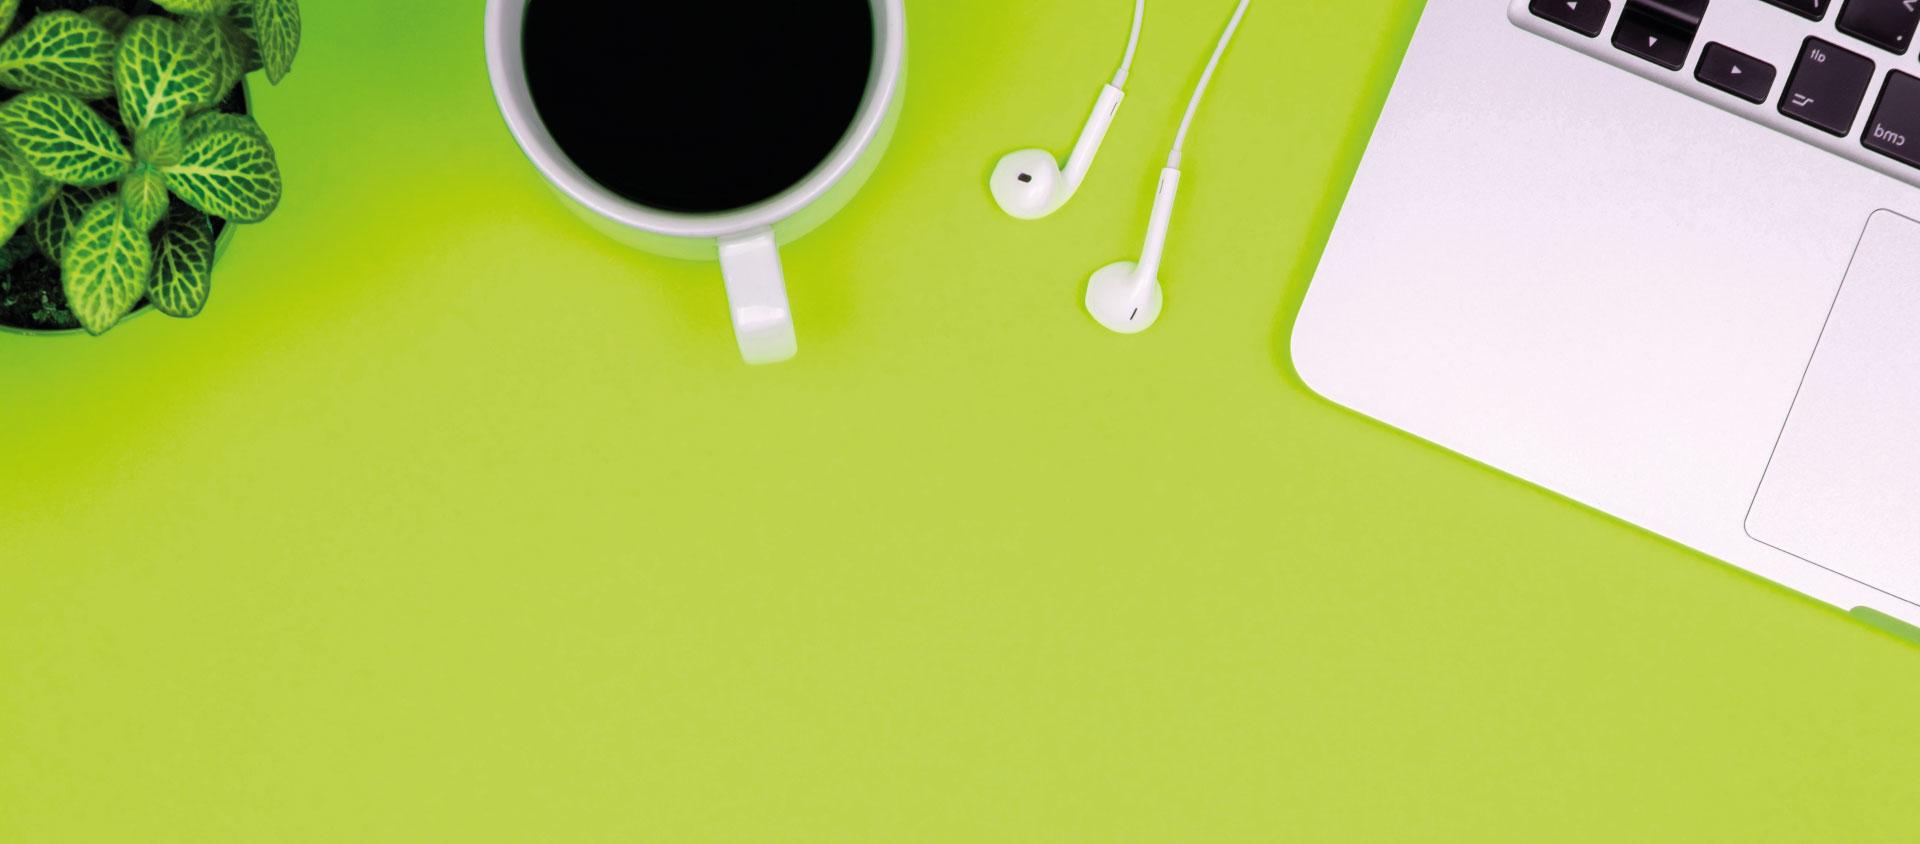 Especial Quarentena: Como fazer um home office produtivo